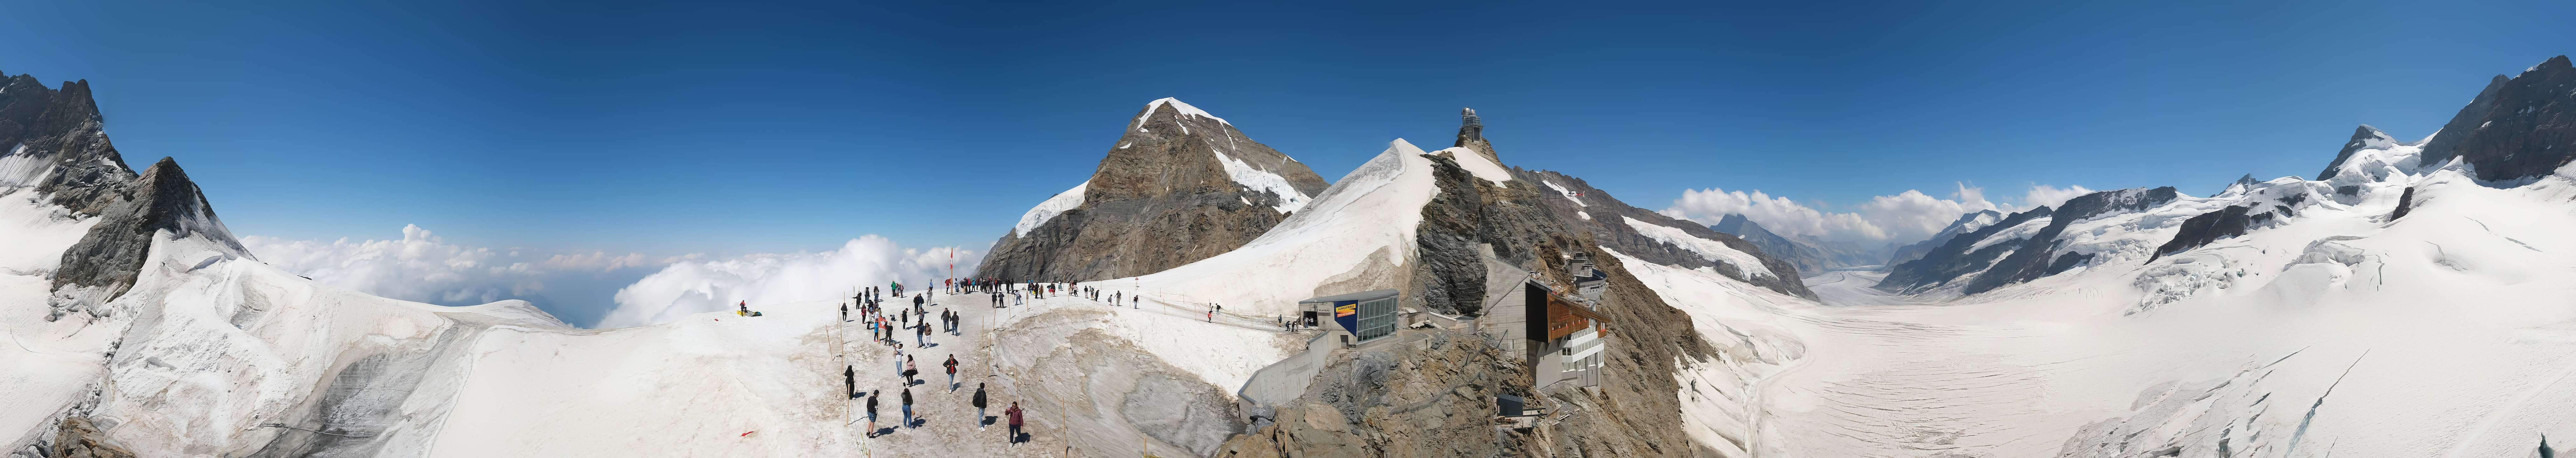 Livecam Jungfraujoch